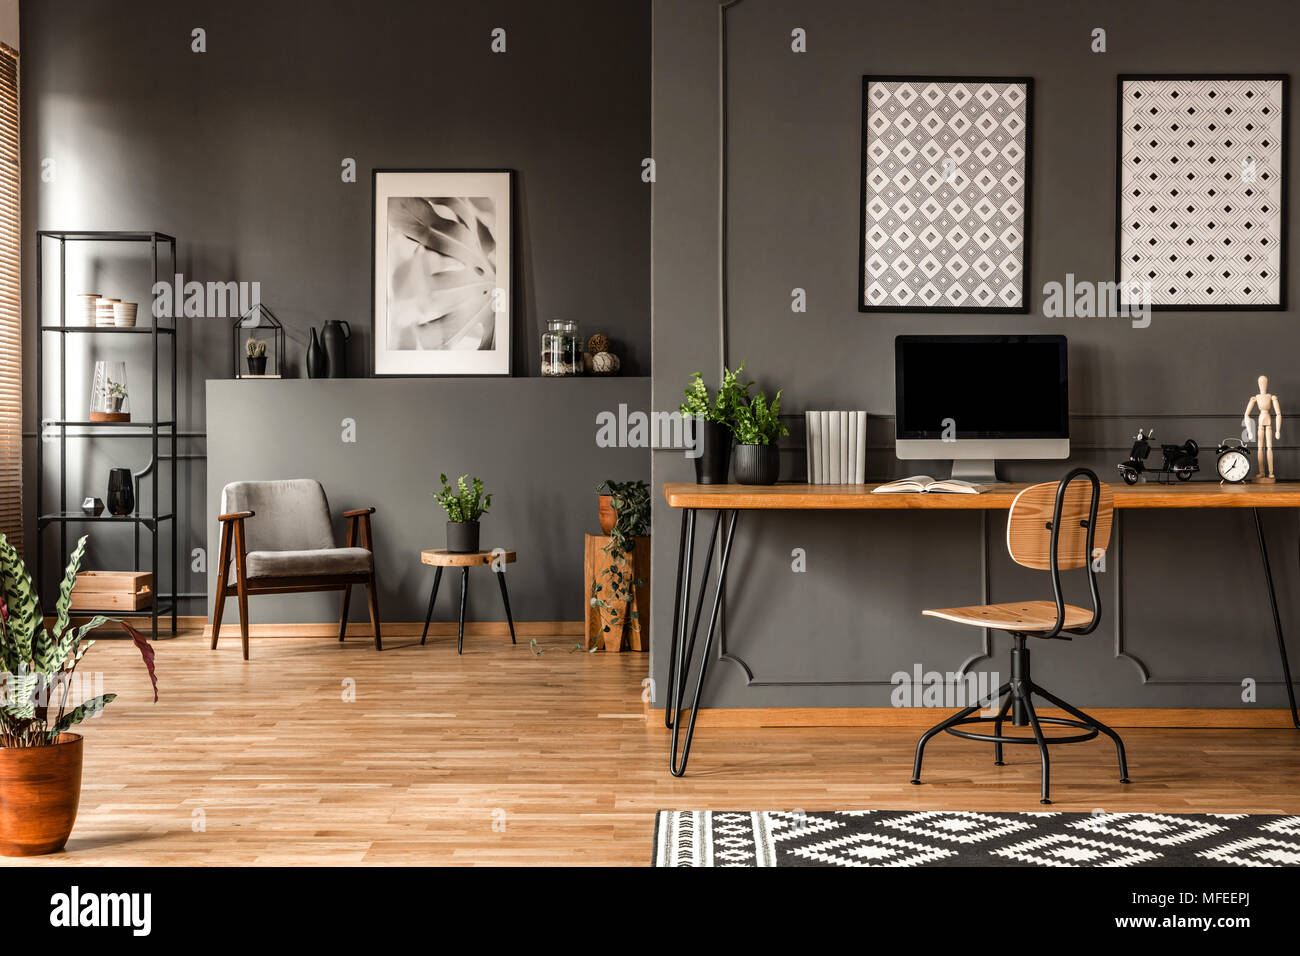 Estampa cartazes acima de secretária com monitor de computador em cinza home office com plantas de interior Imagens de Stock